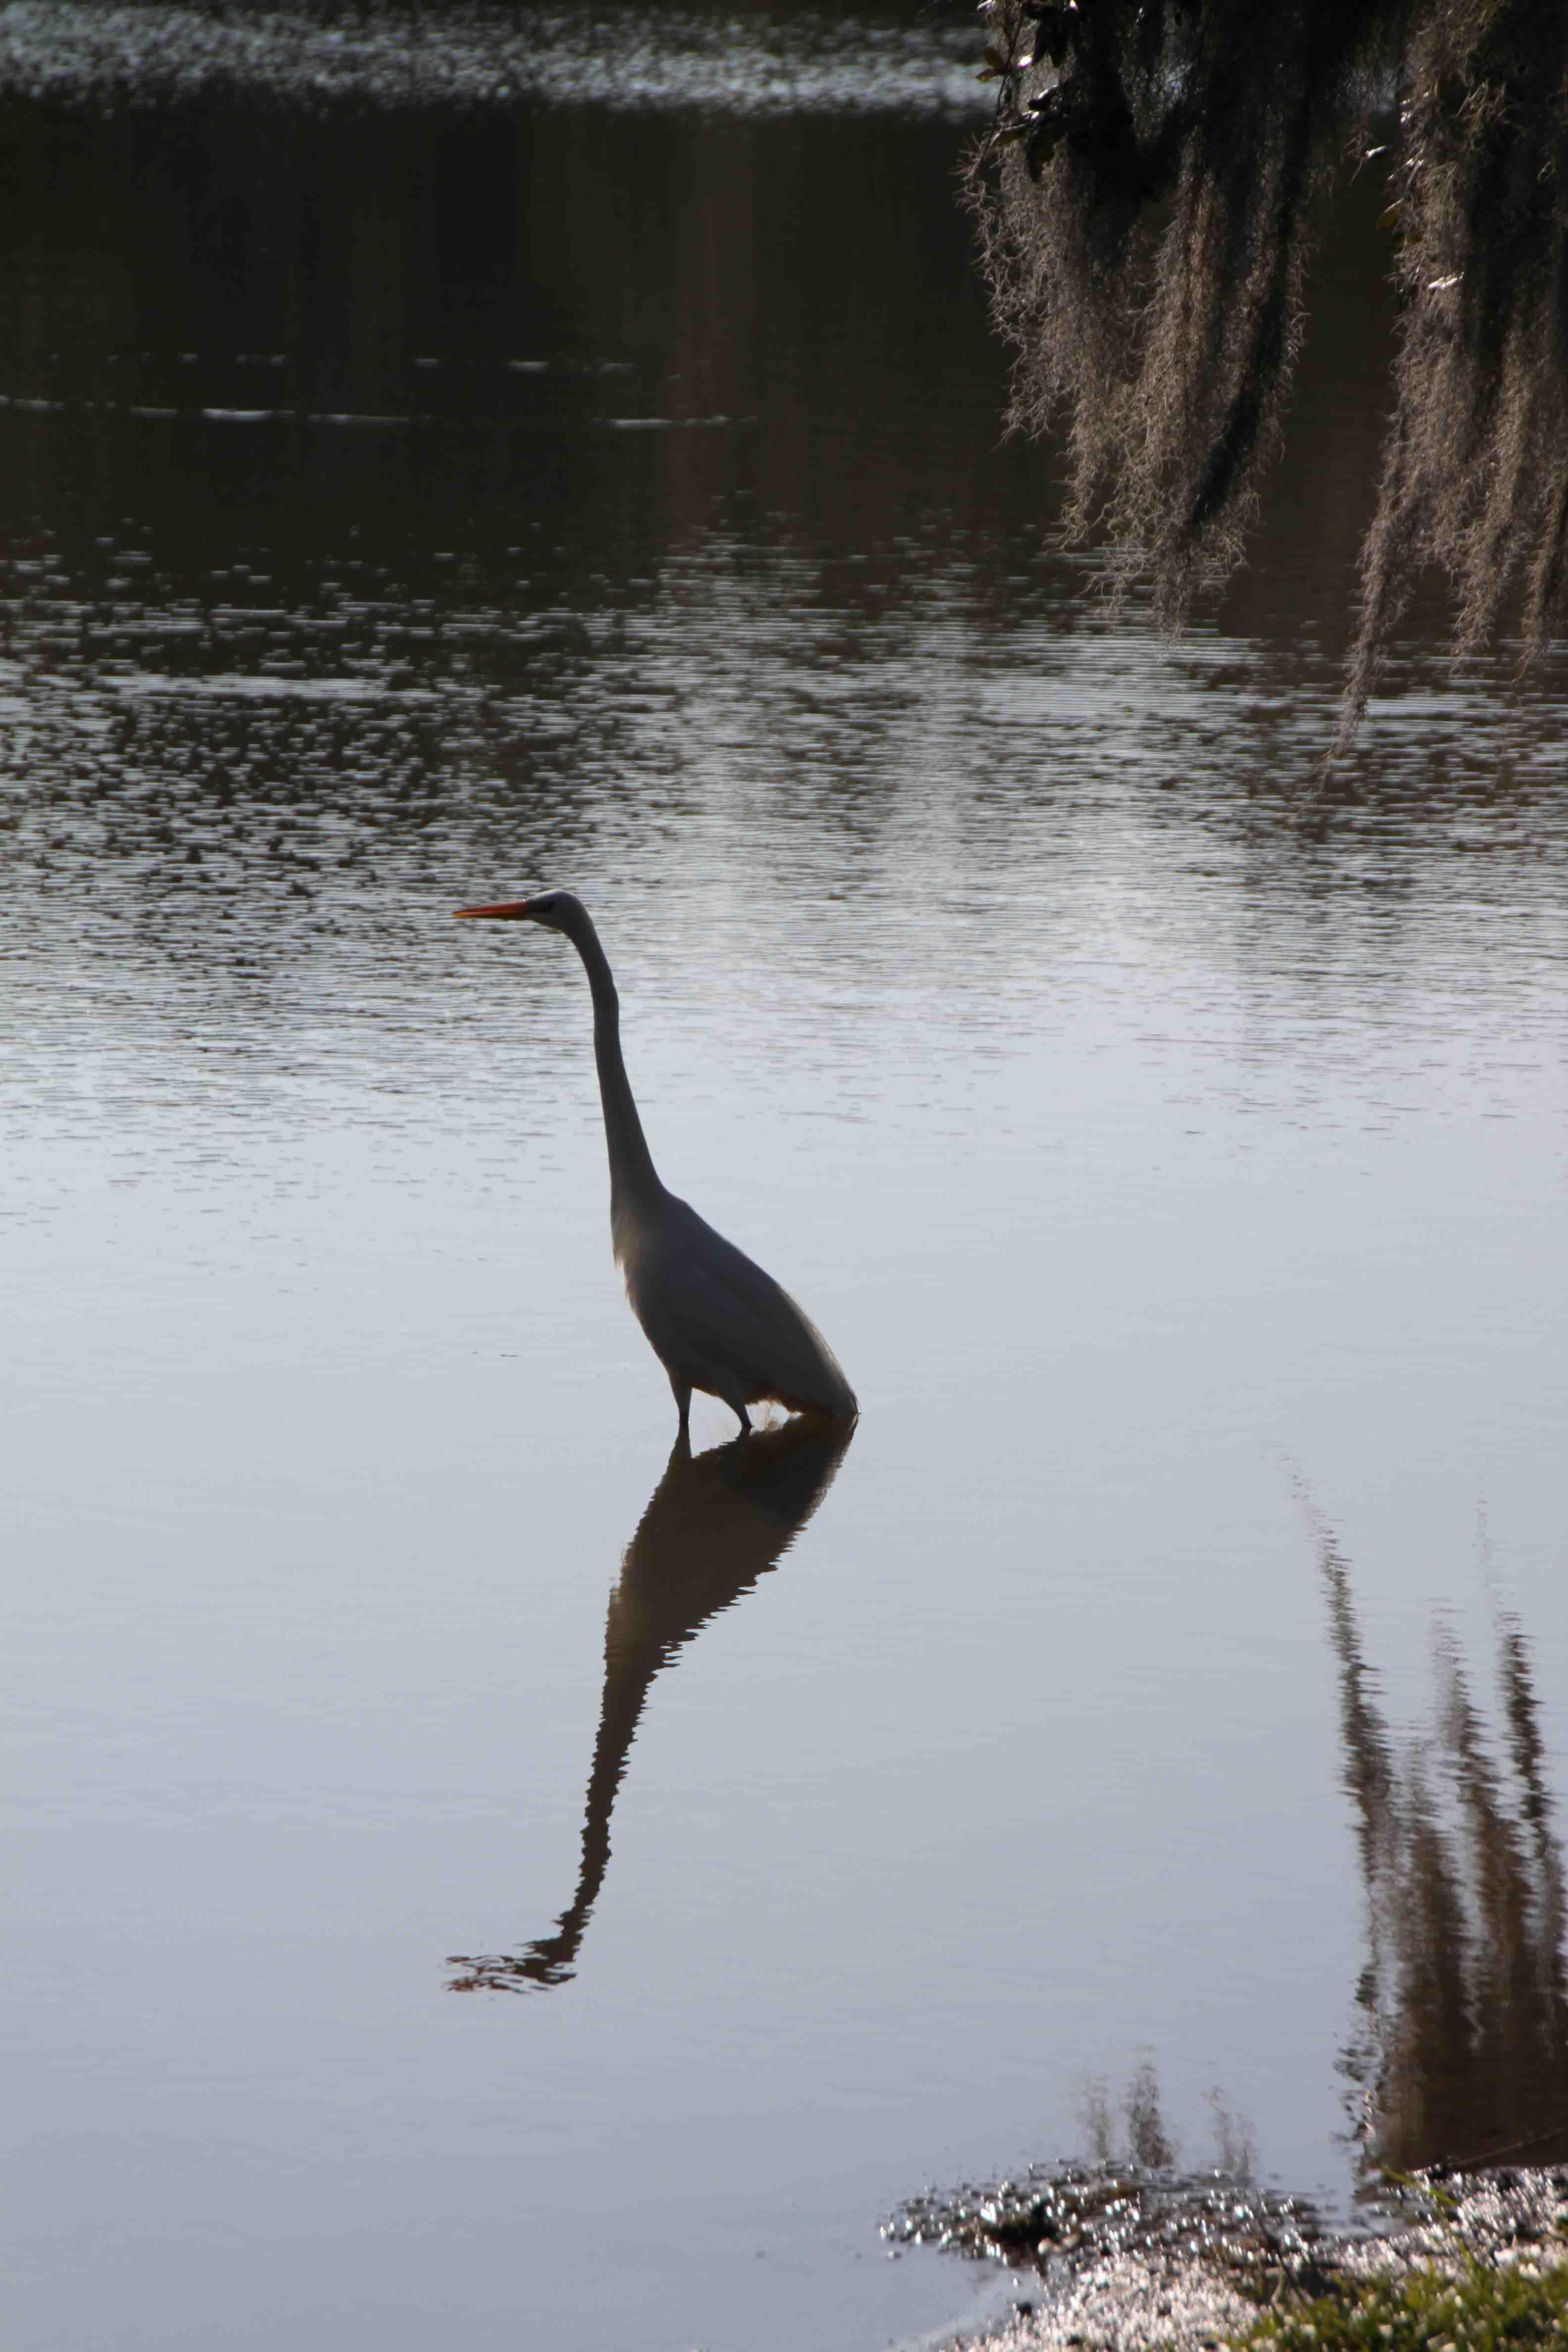 egret on avery island, louisiana